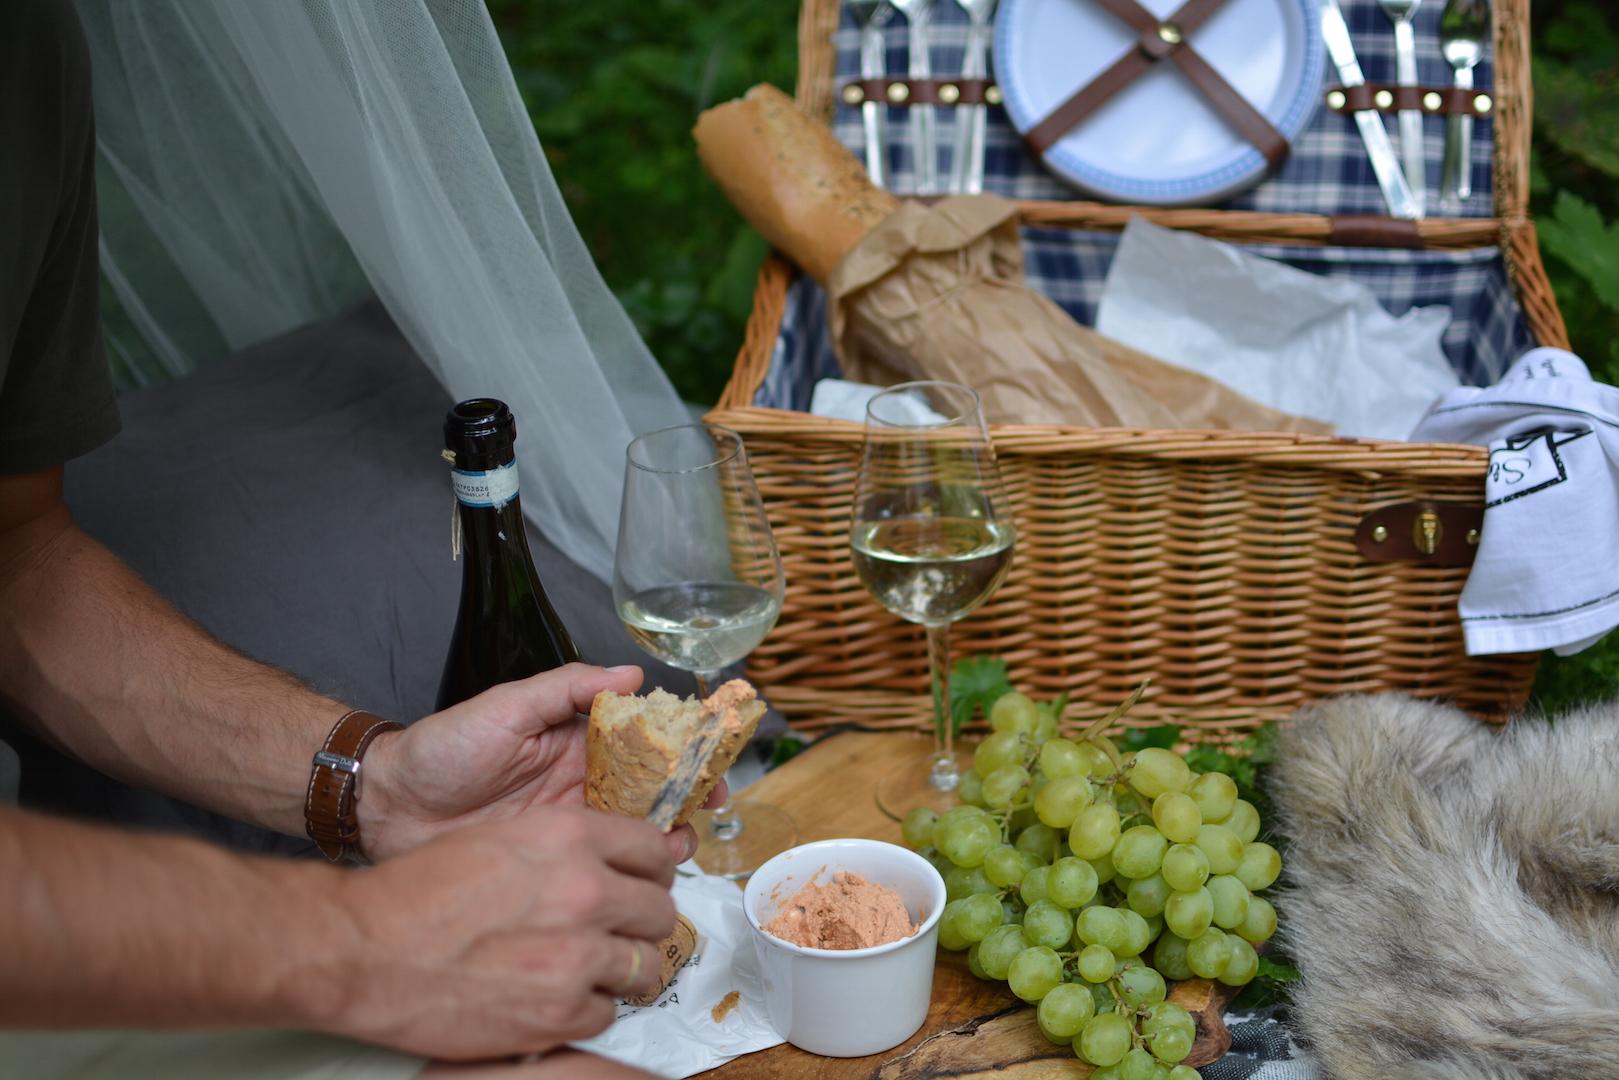 piknik-w-lesie-kosz-piknikowy-10